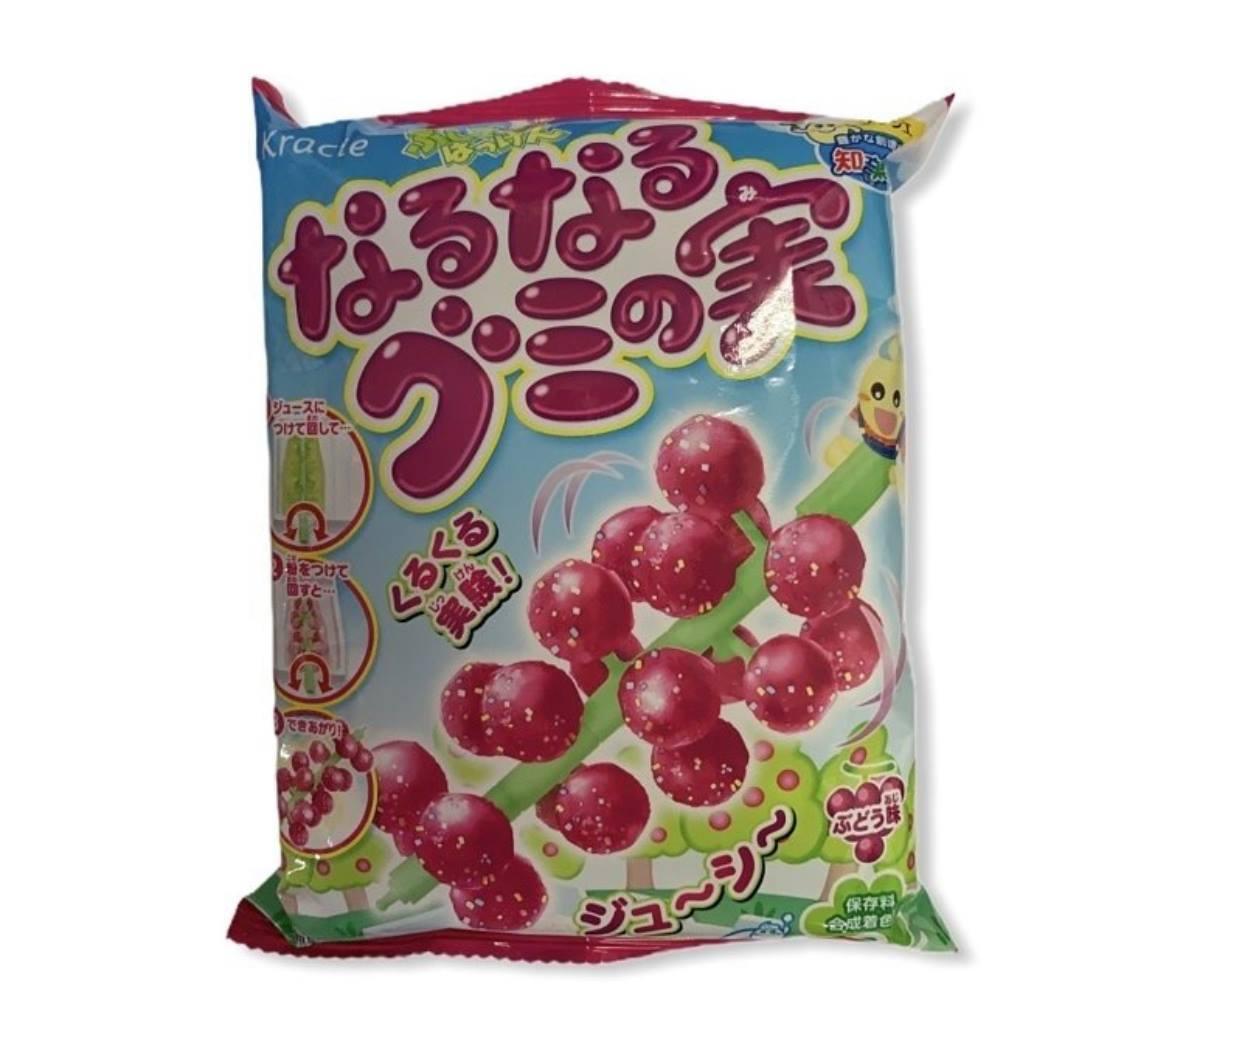 Kracie 袋裝食玩 創意DIY 葡萄風味小達人 15g